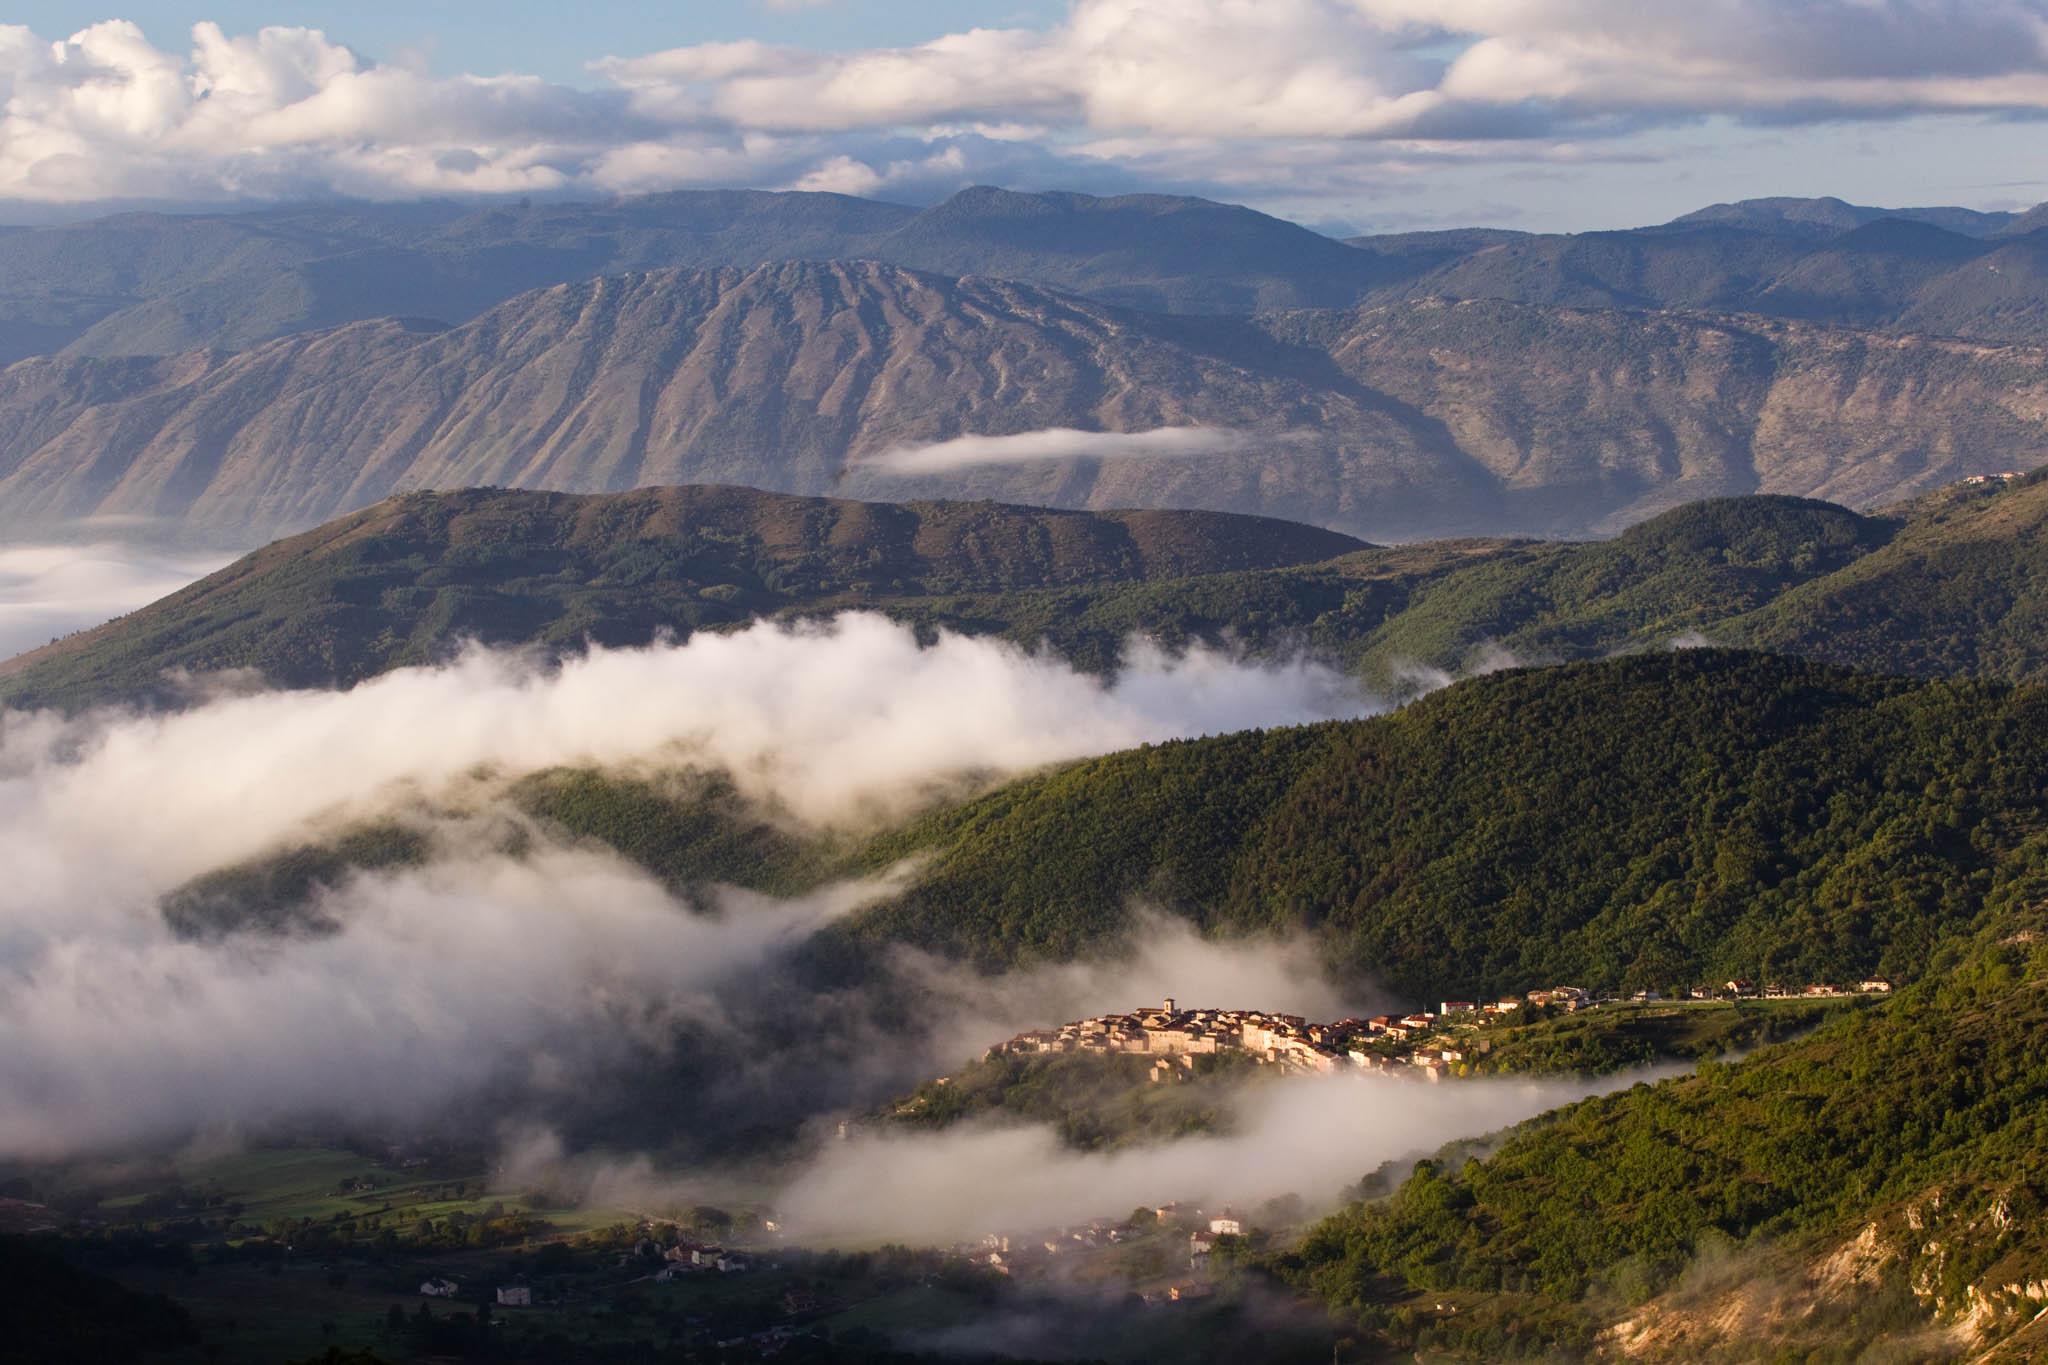 The village of Rosciolo dei Marsi in western Abruzzo, Central Apennines, Italy.